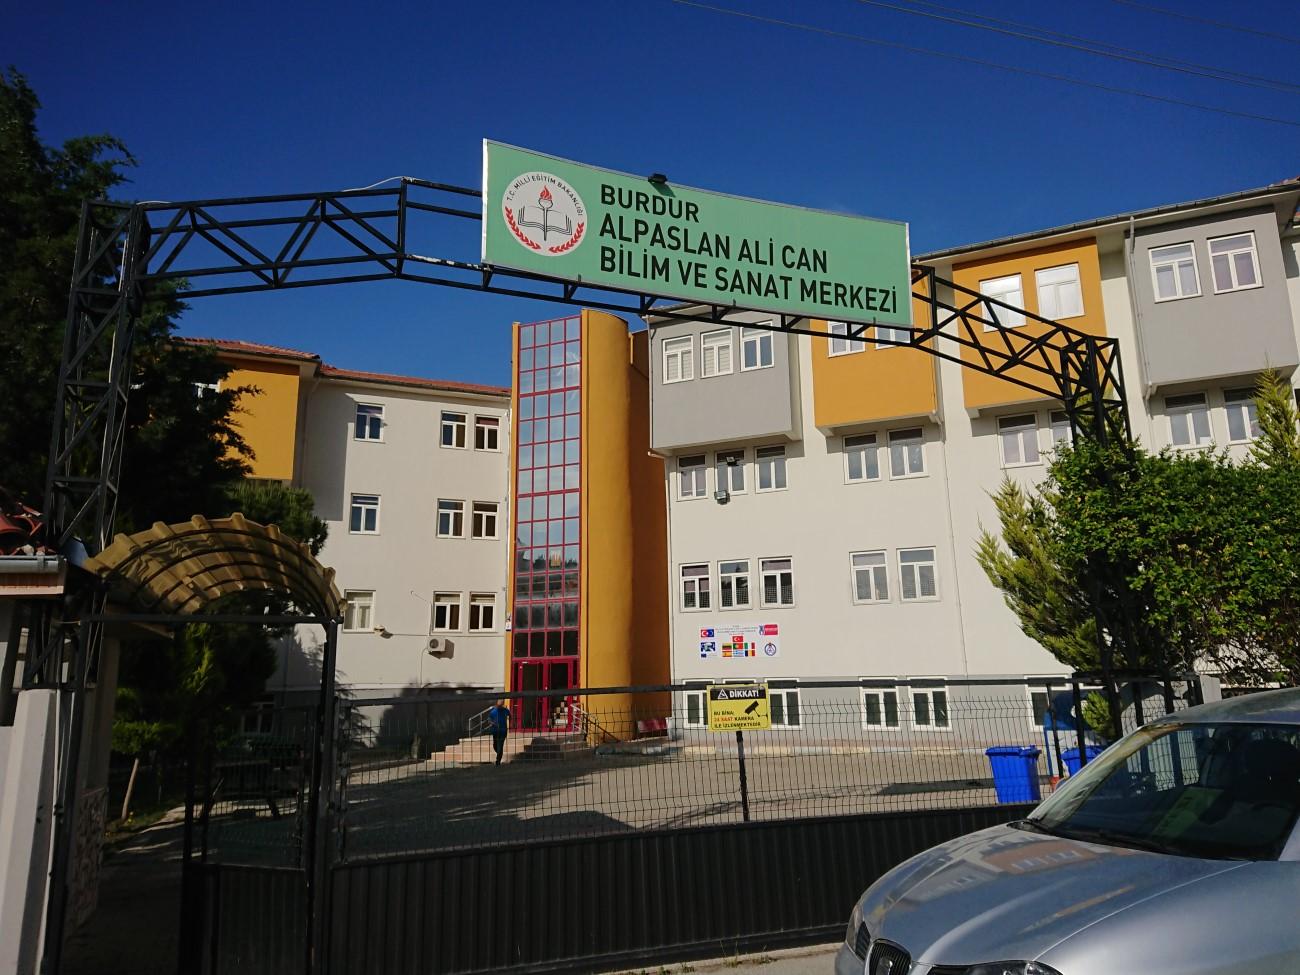 Burdur Alpaslan Ali Can BİLSEM